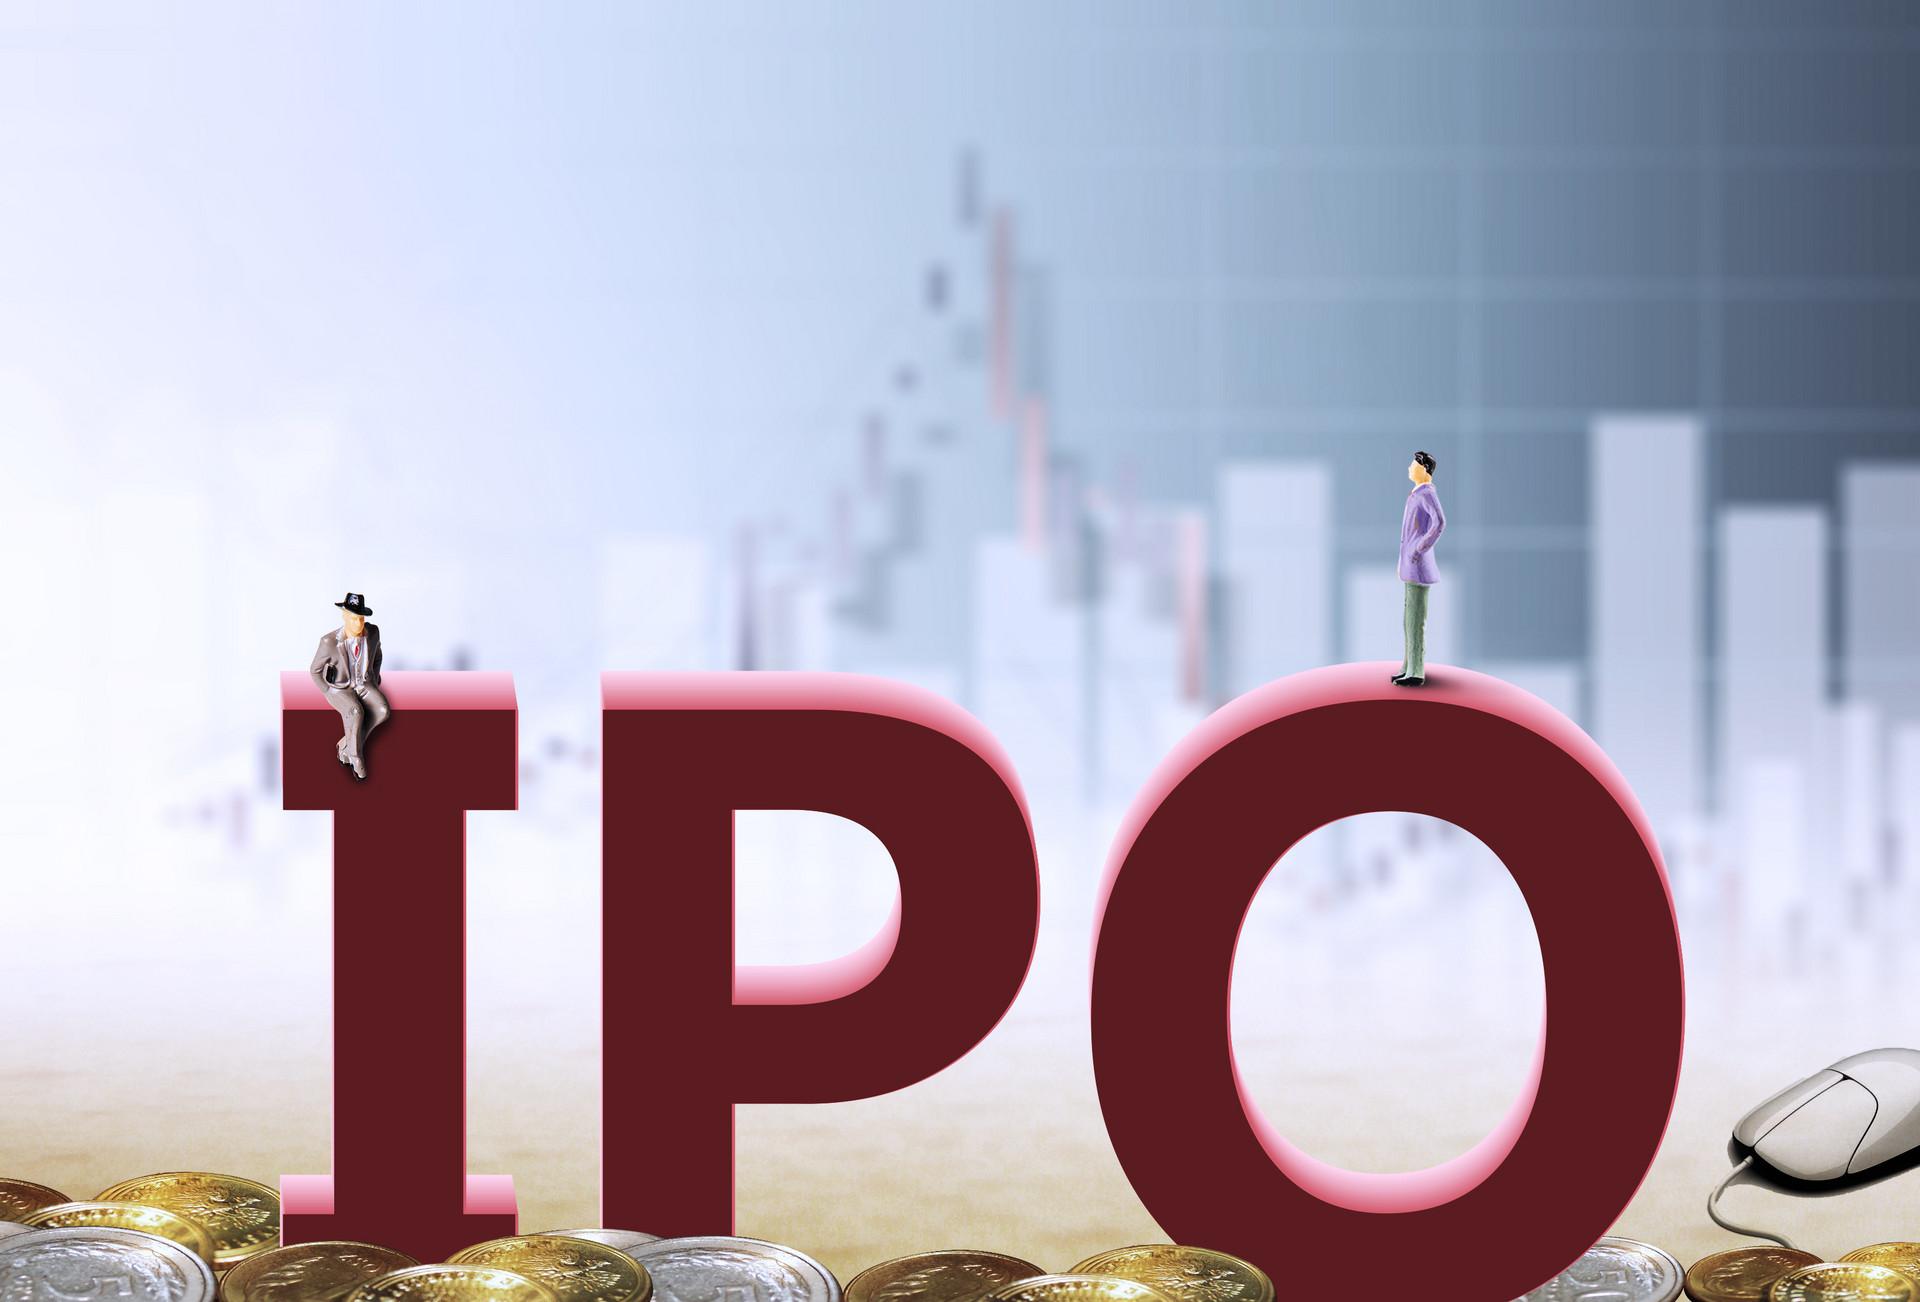 IPO项目3年推进缓慢却重启定增   资金充裕的奥翔药业搞啥名堂?